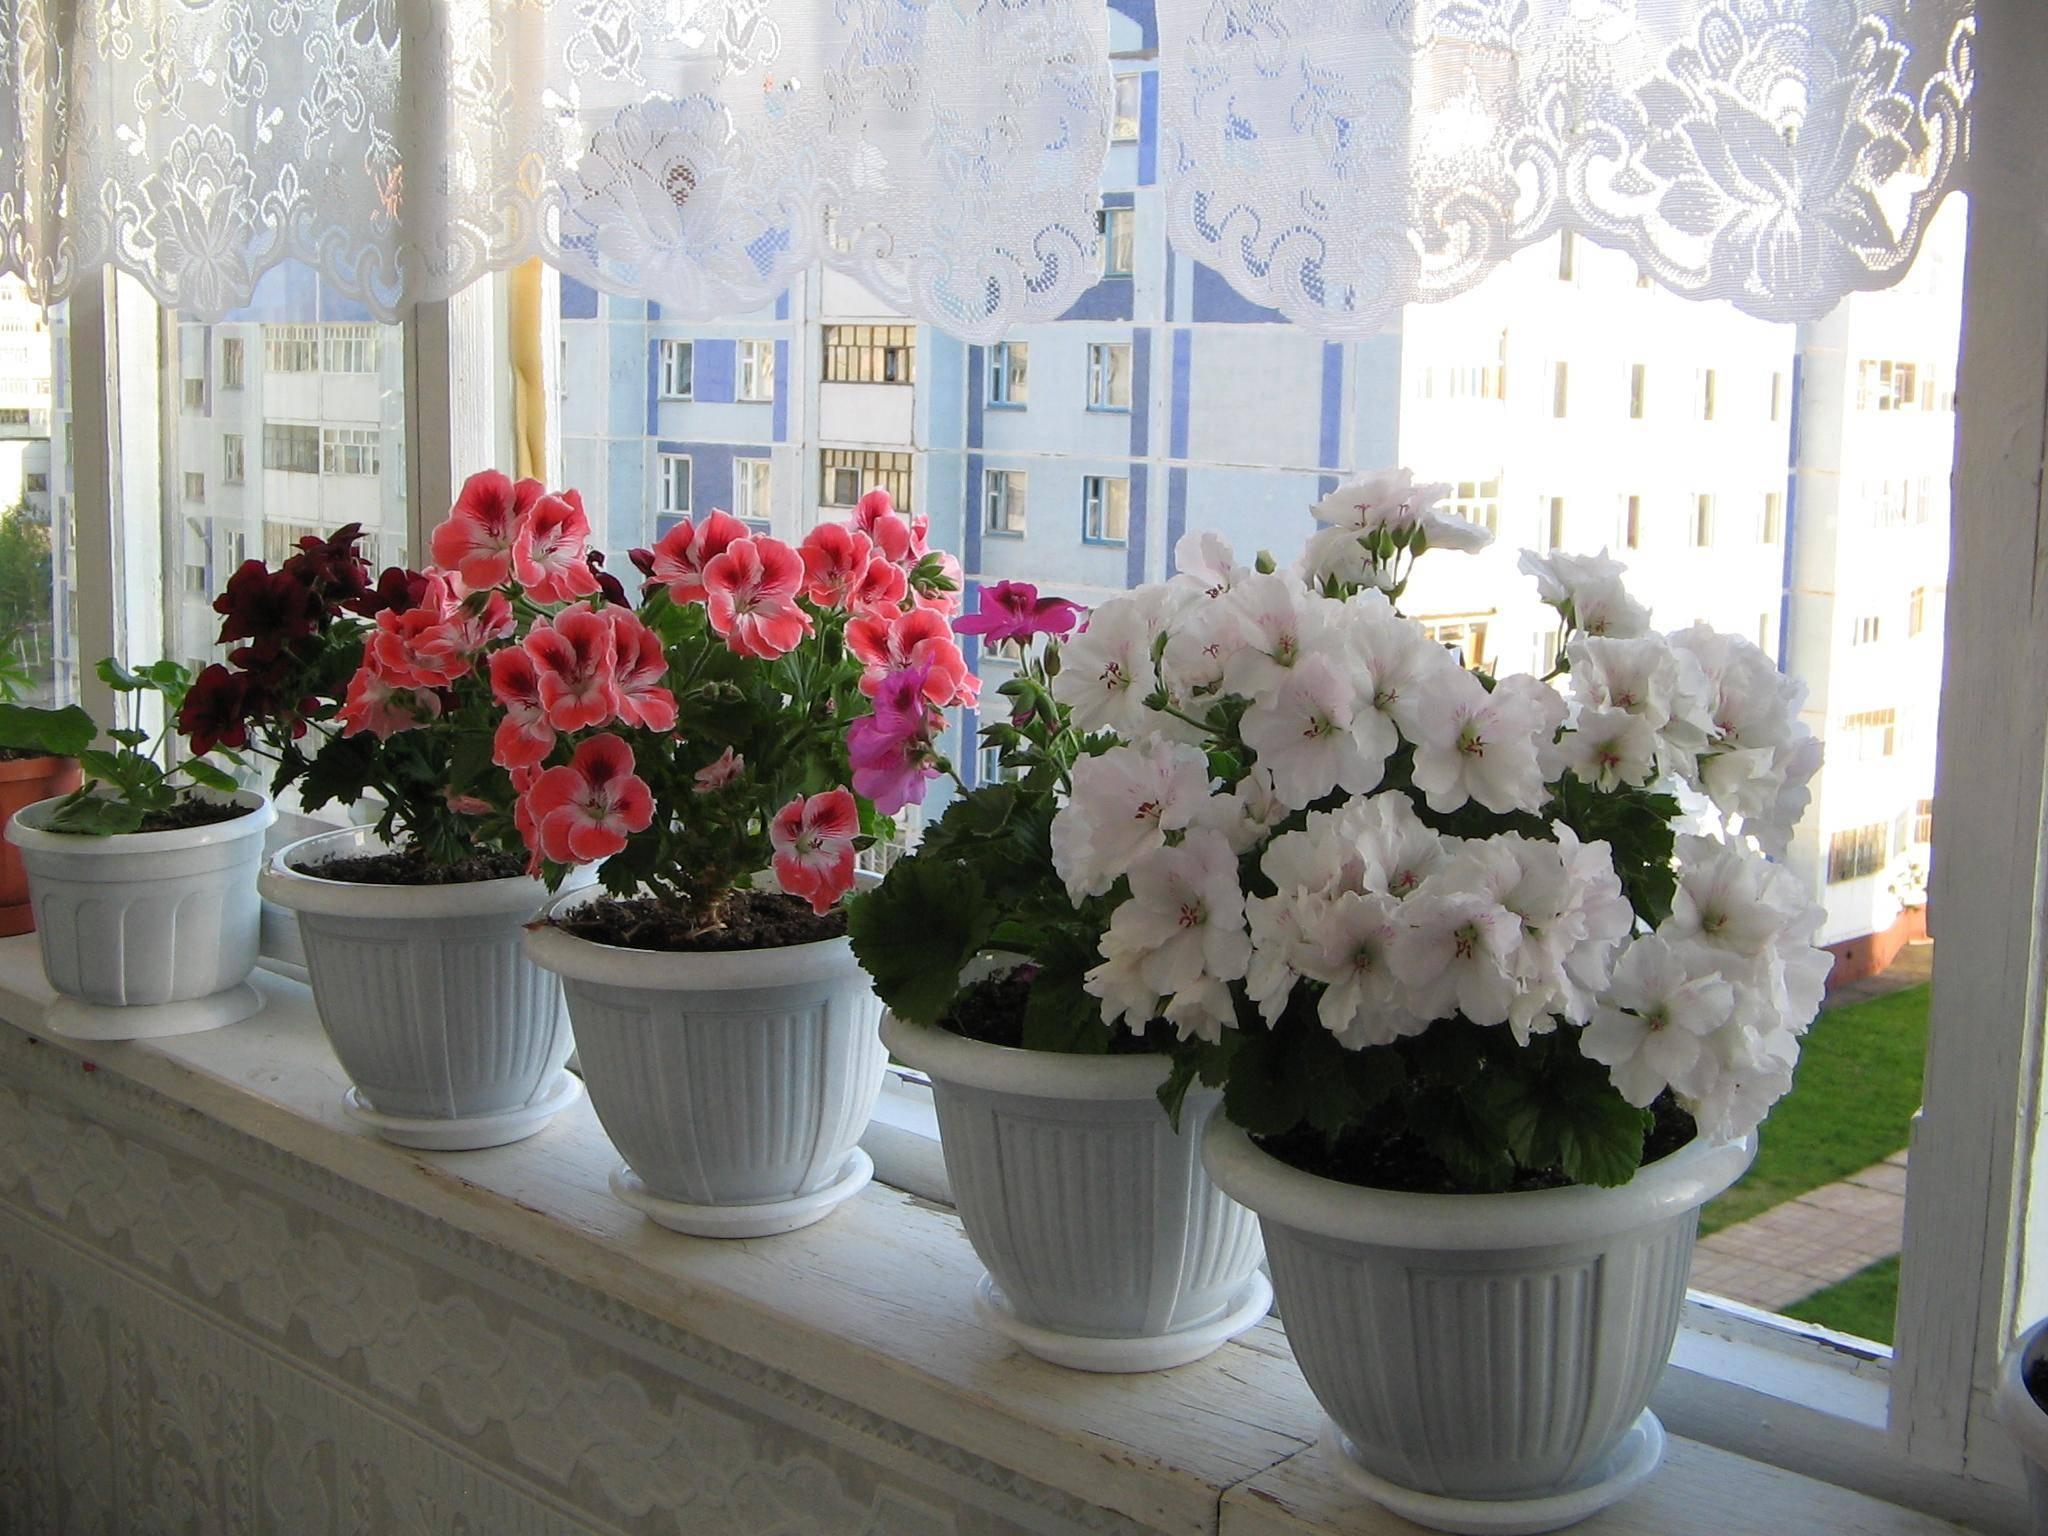 Почему не цветет герань в домашних условиях? как заставить пеларгонию зацвести дома? как ухаживать за комнатной геранью, чтобы она цвела обильно?